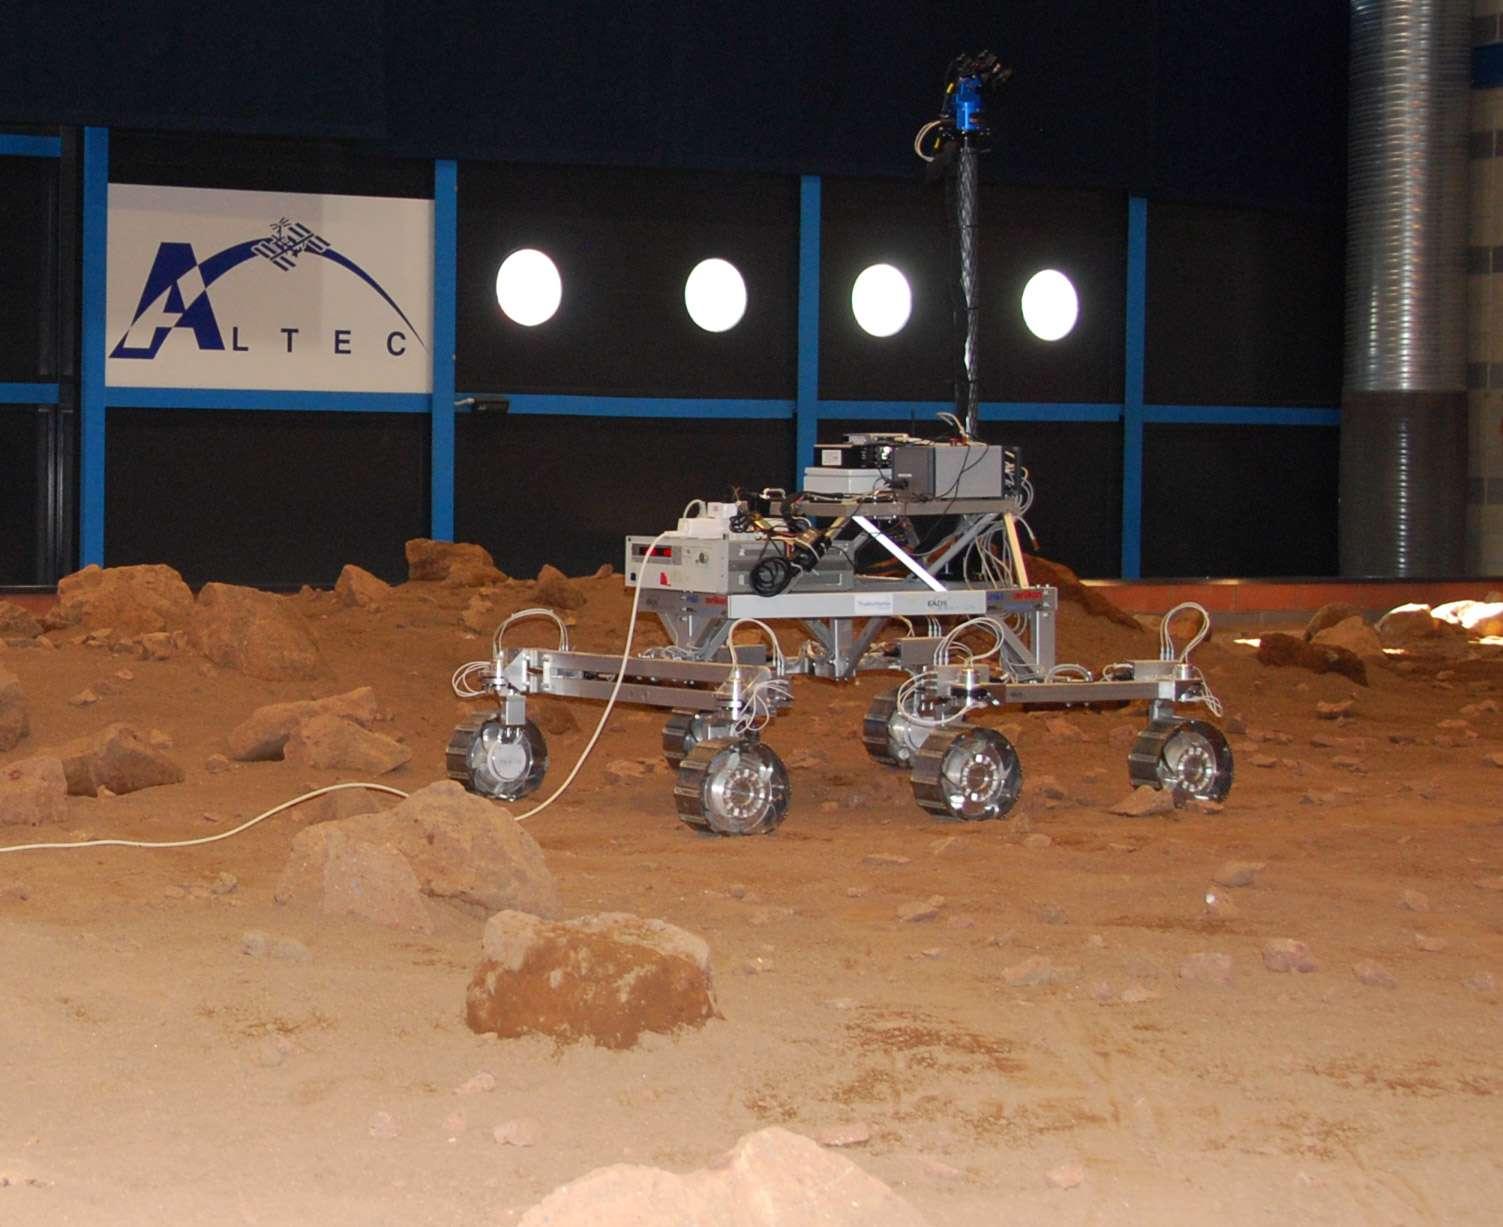 Un peu partout en Europe se prépare le rover ExoMars. Dans les locaux de Thales Alenia Space, Altec teste la locomotion du rover et met au point les algorithmes du logiciel de navigation qui lui permettra de gambader de façon autonome sur Mars. © Remy Decourt